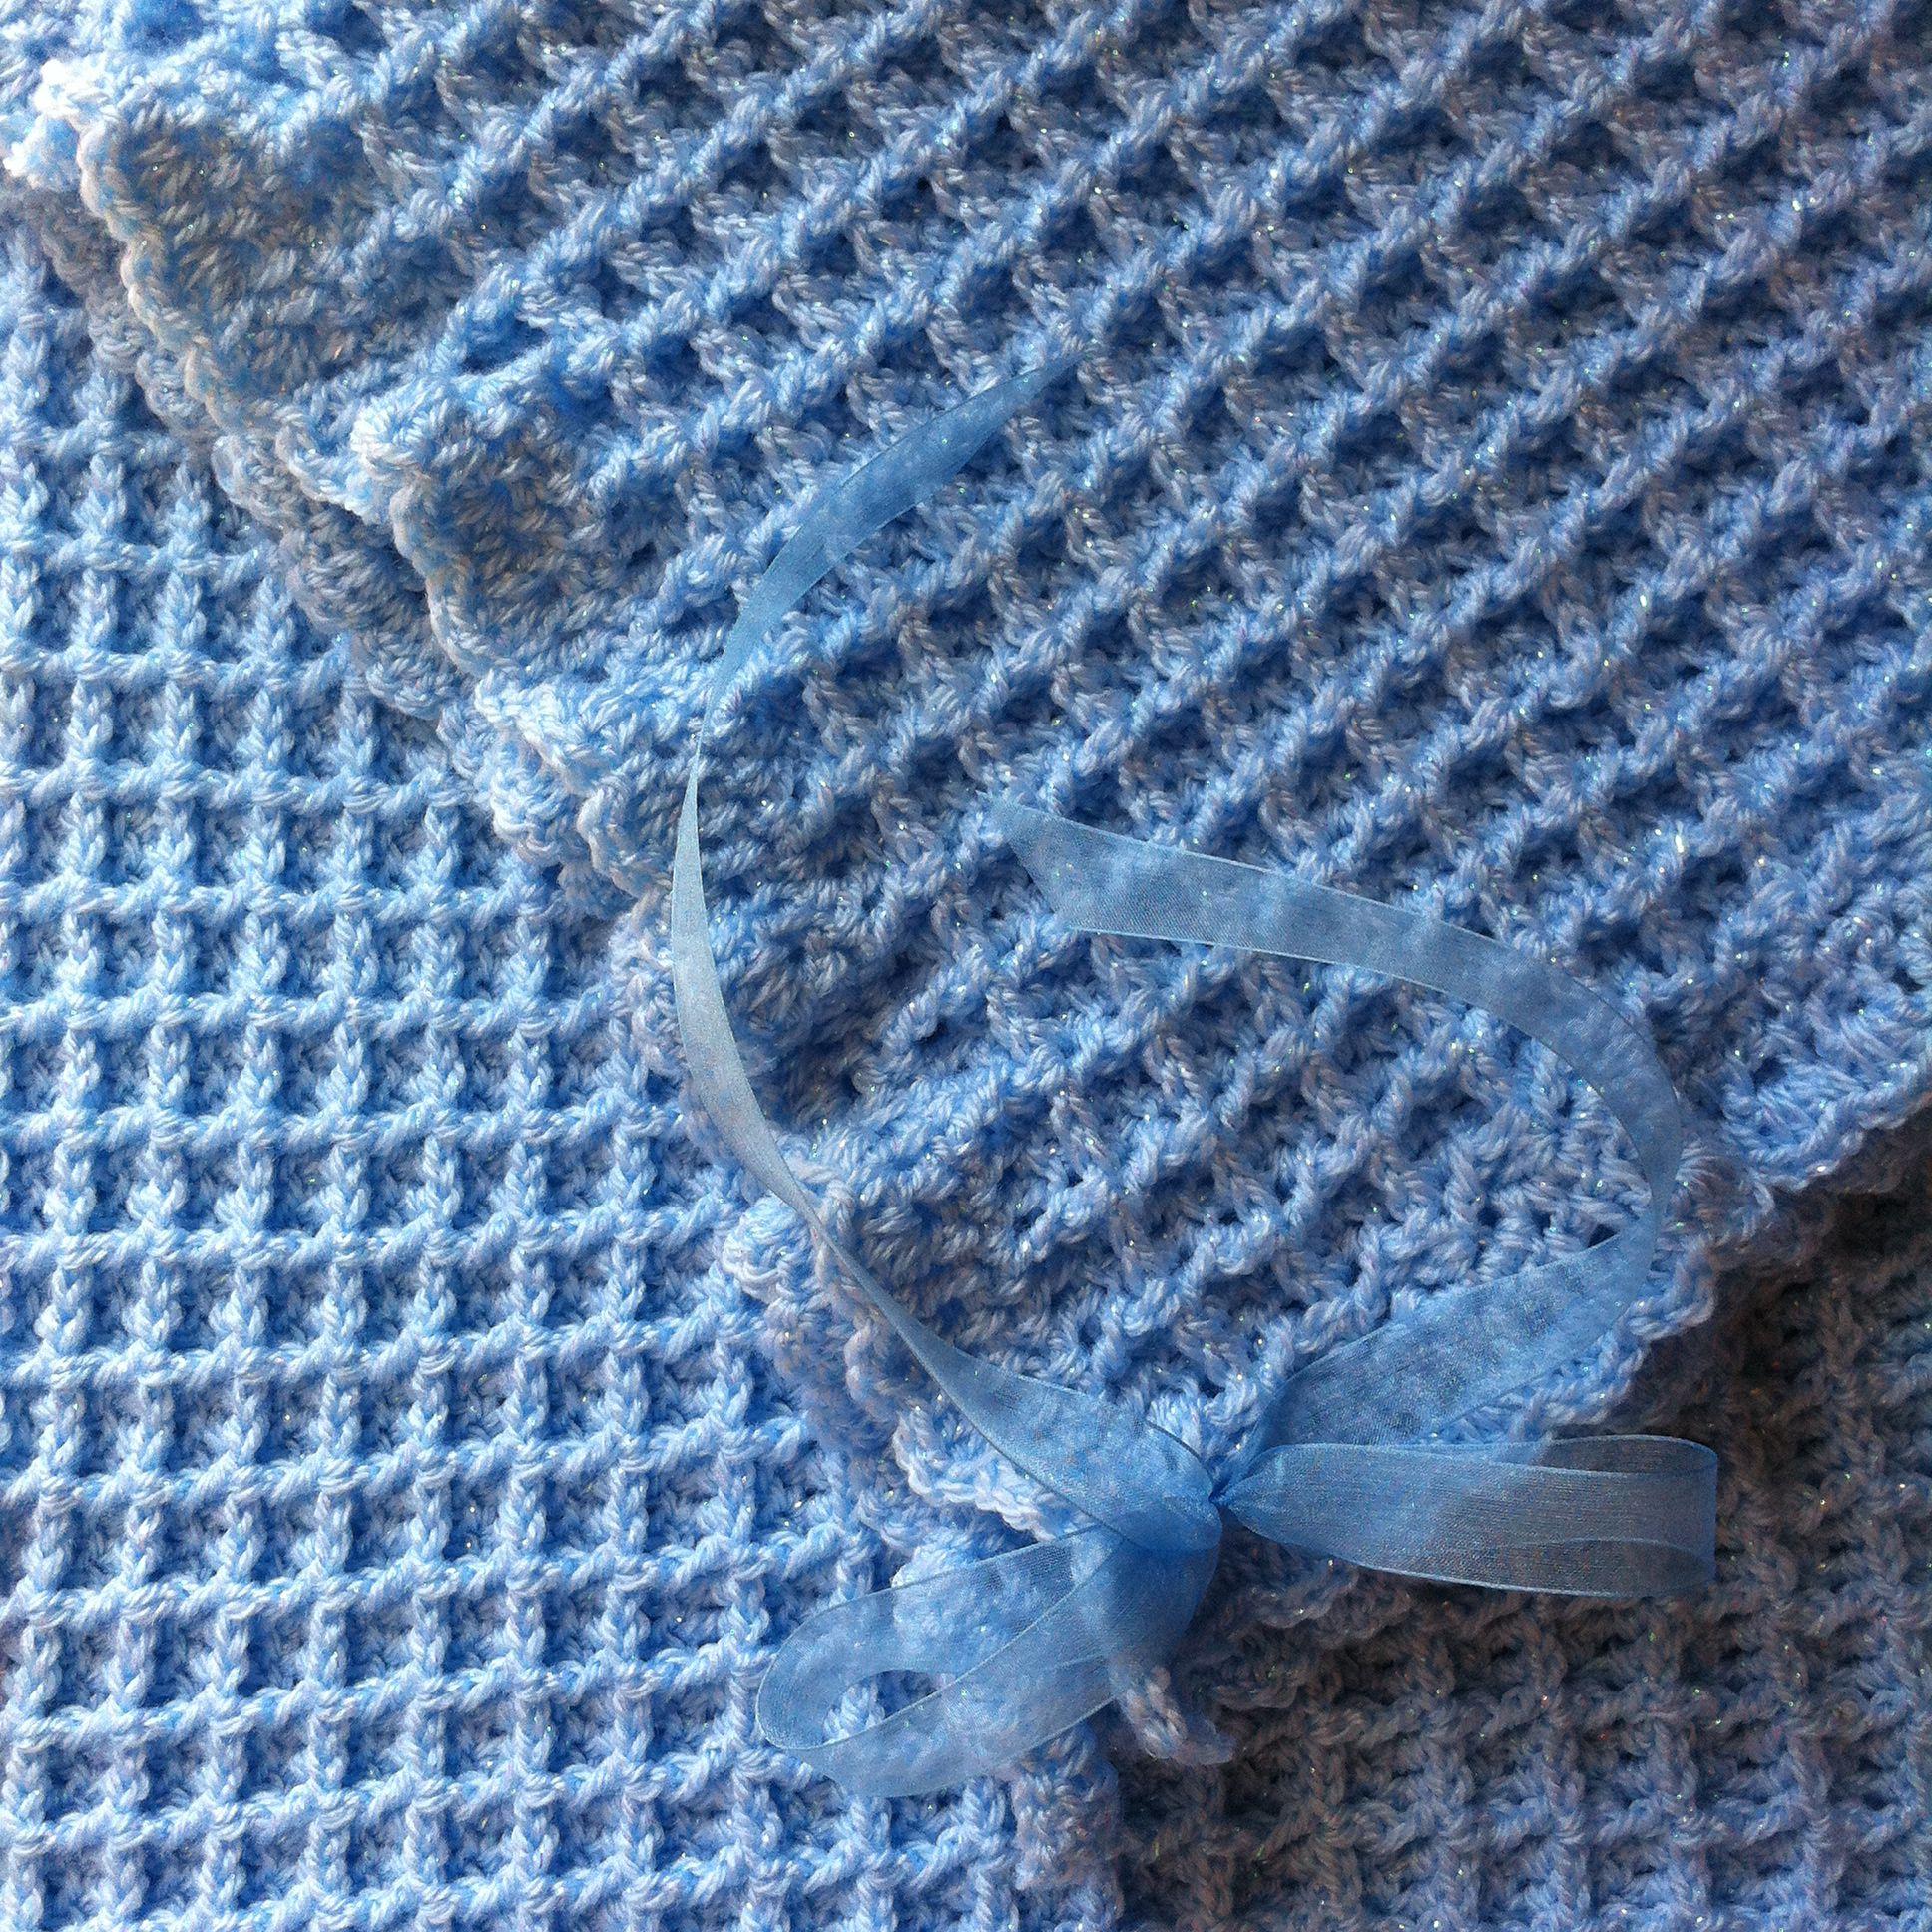 Crochet Waffle Stitch : Crochet baby blanket in waffle stitch Crochet Pinterest